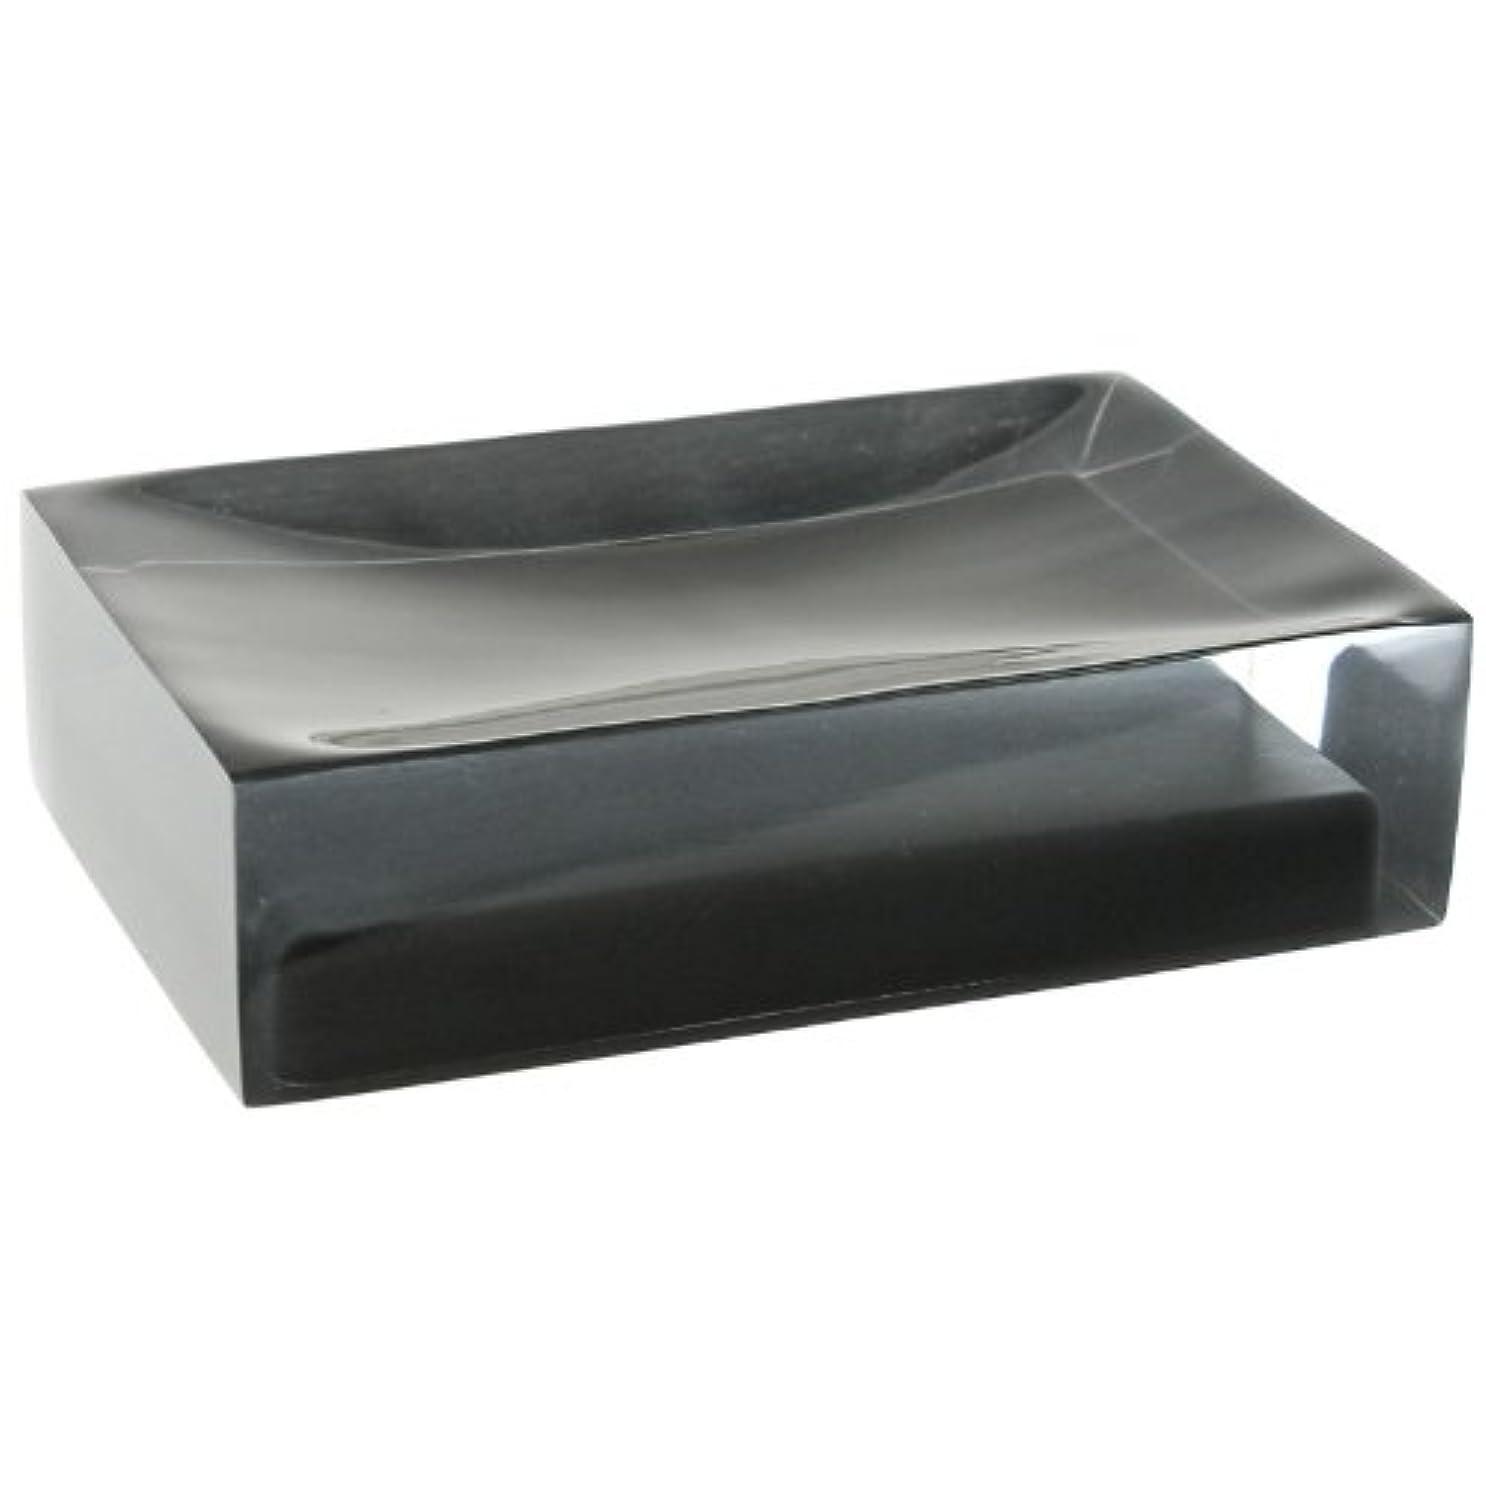 コレクションティーンエイジャー勢い(Black) - Gedy Gedy RA11-14 Rainbow Soap Holder, 0.8cm L x 11cm W, Black